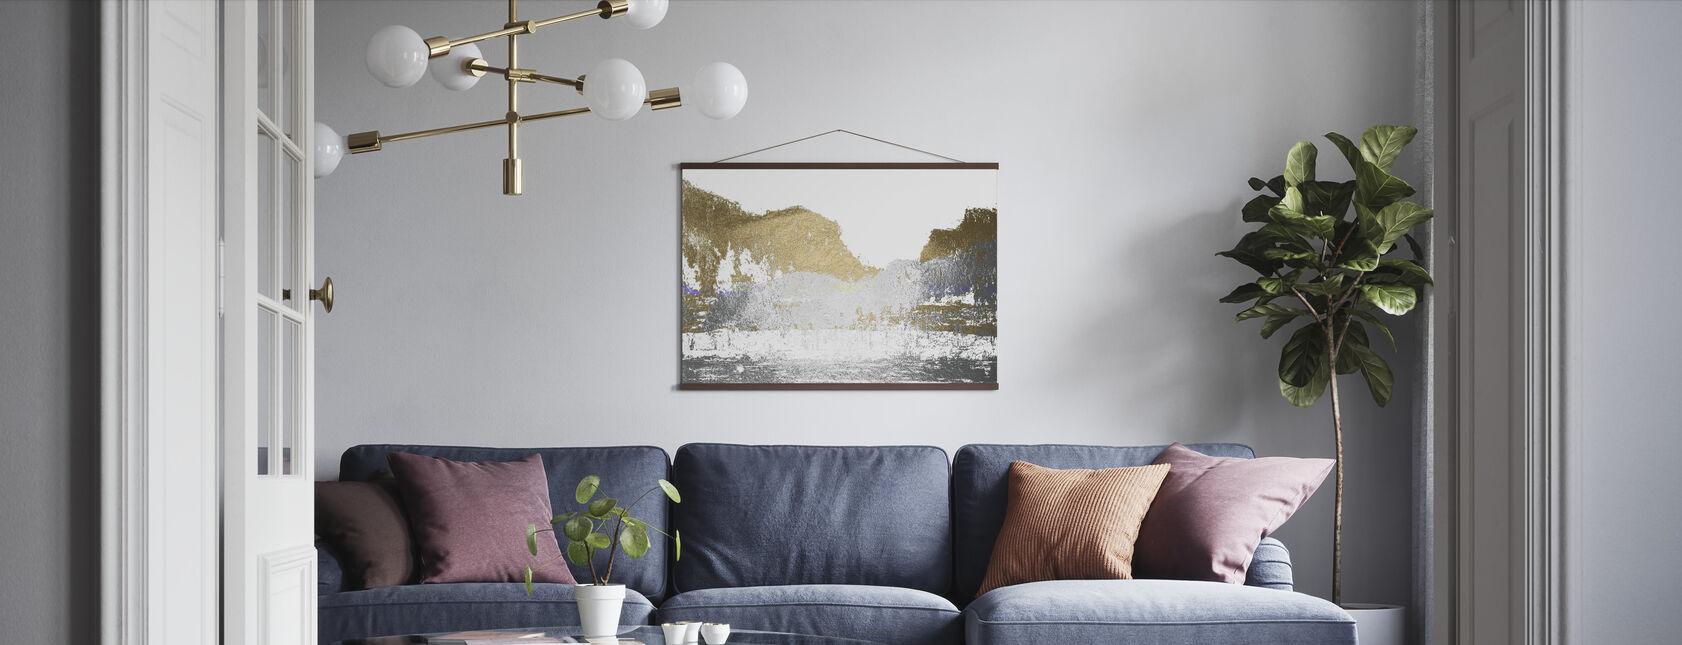 Multi Foil Mountain - Poster - Living Room